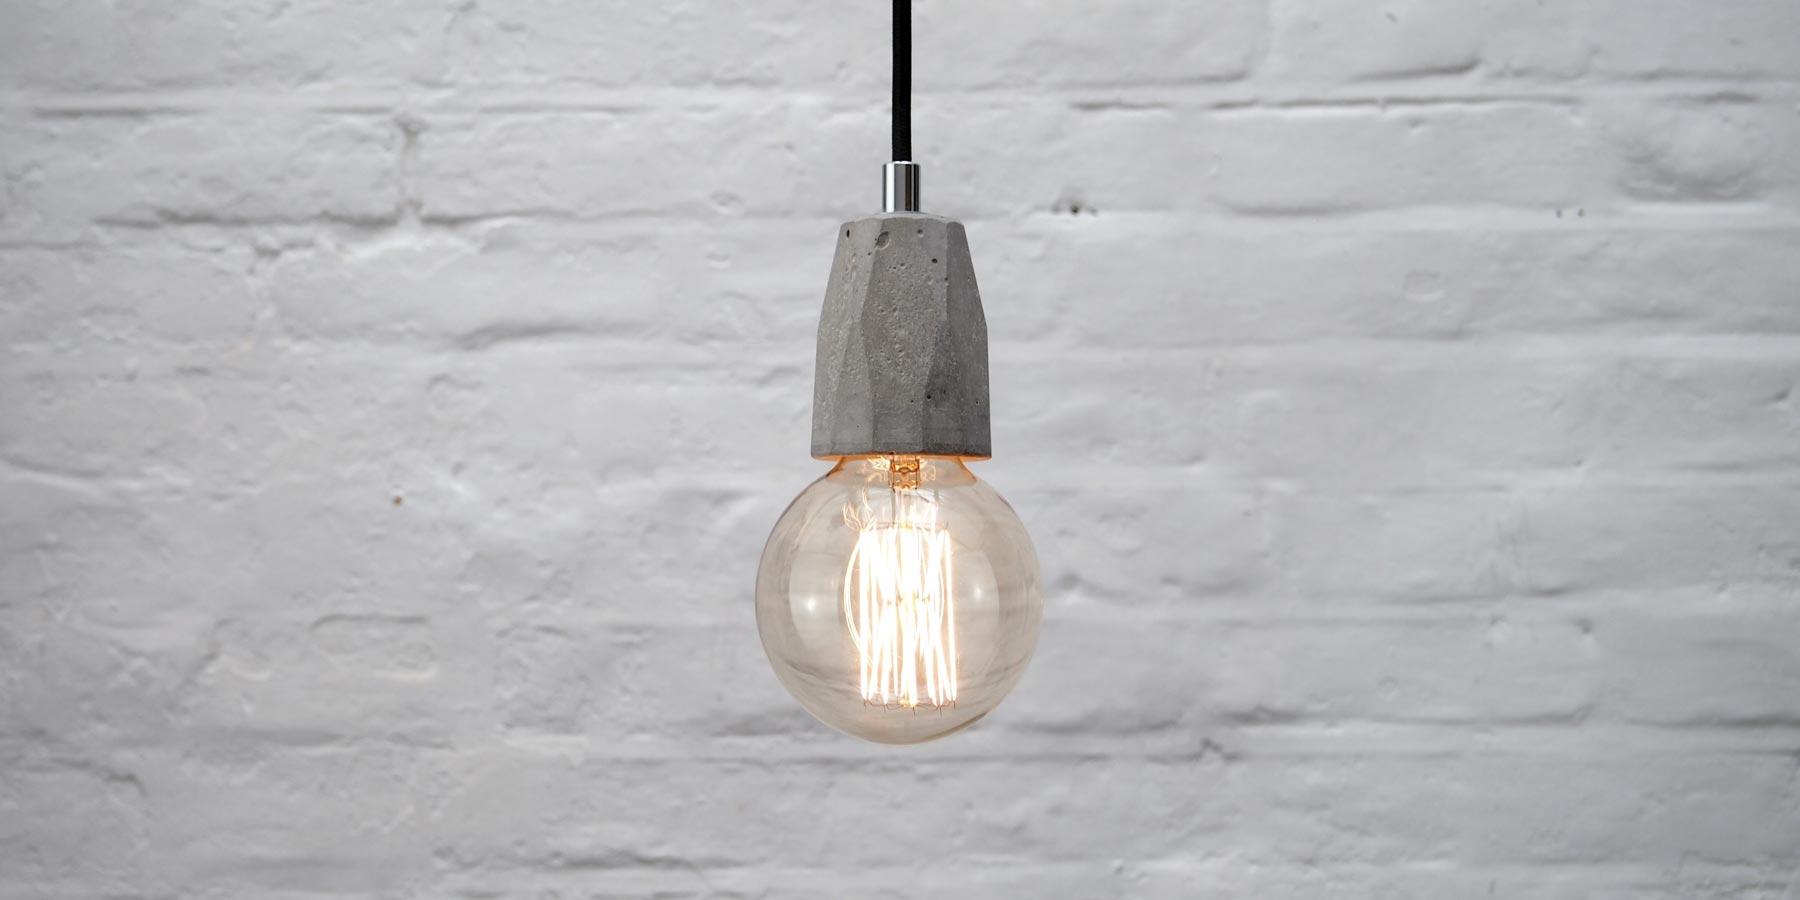 Concrete Bare Bulb Pendant Light Fitting